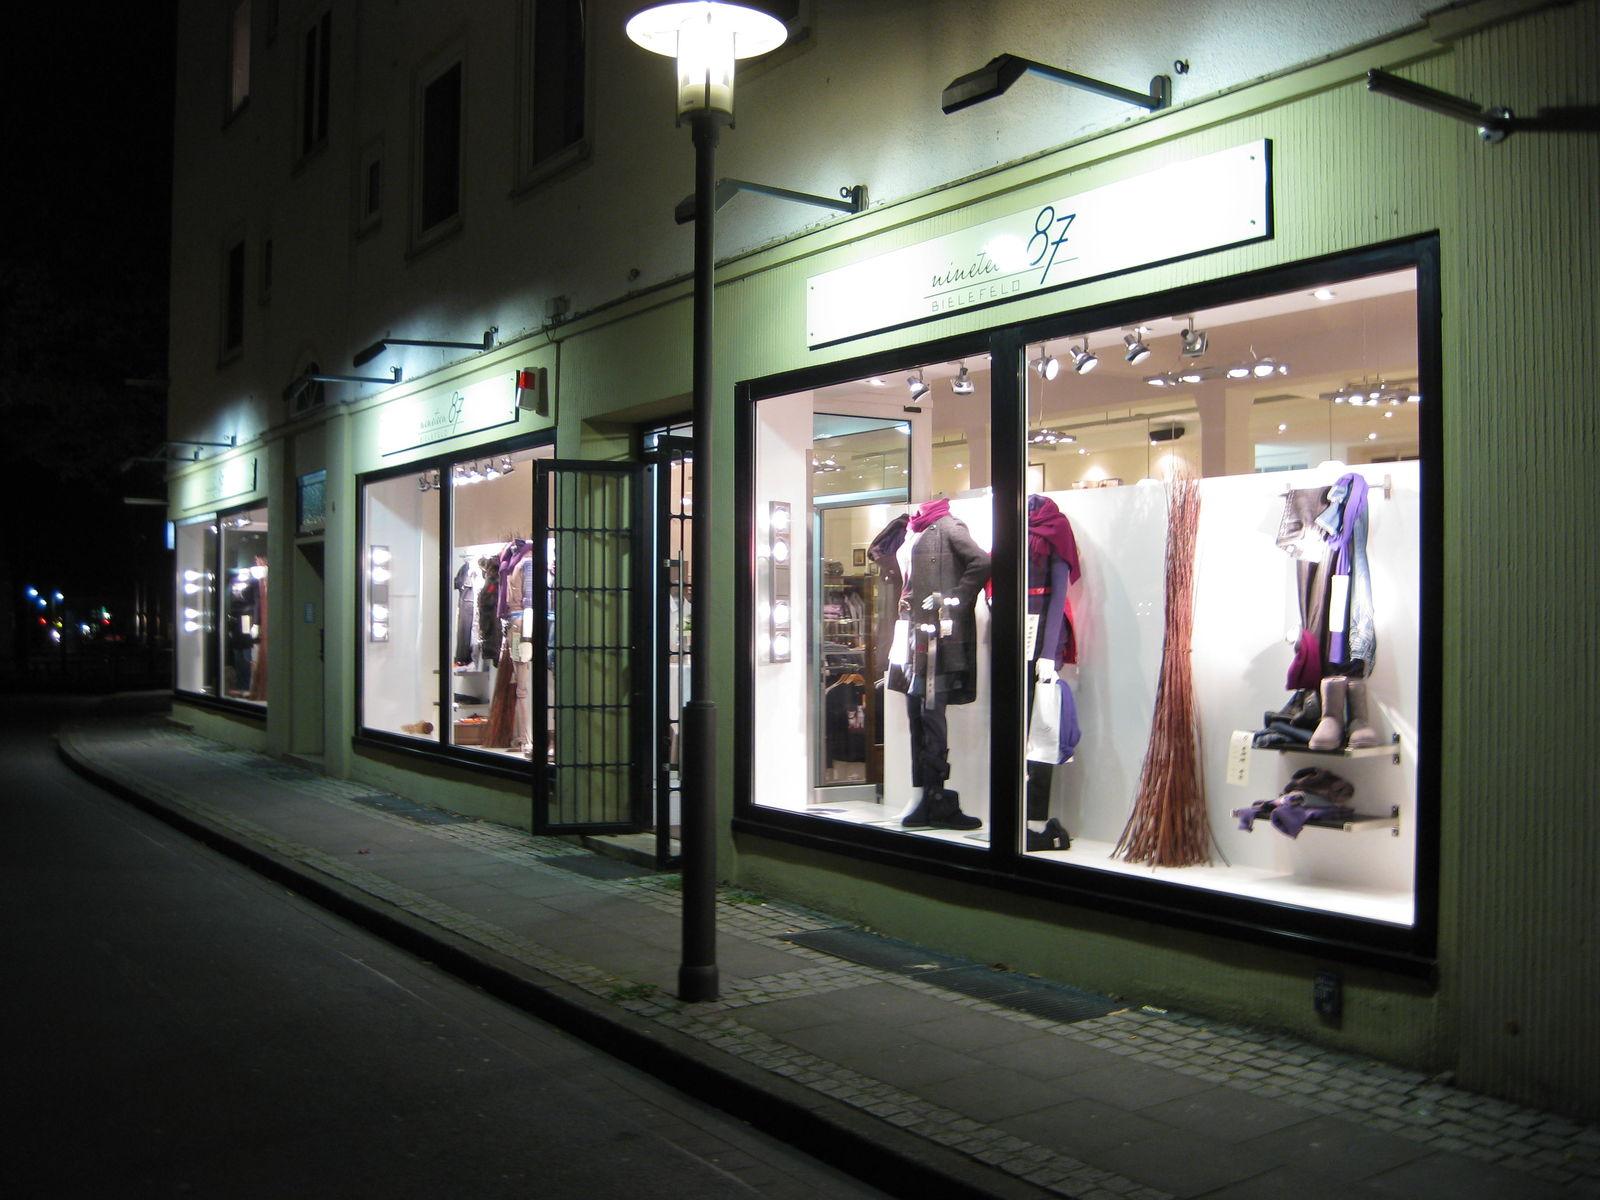 nineteen87 in Bielefeld (Imagen 2)